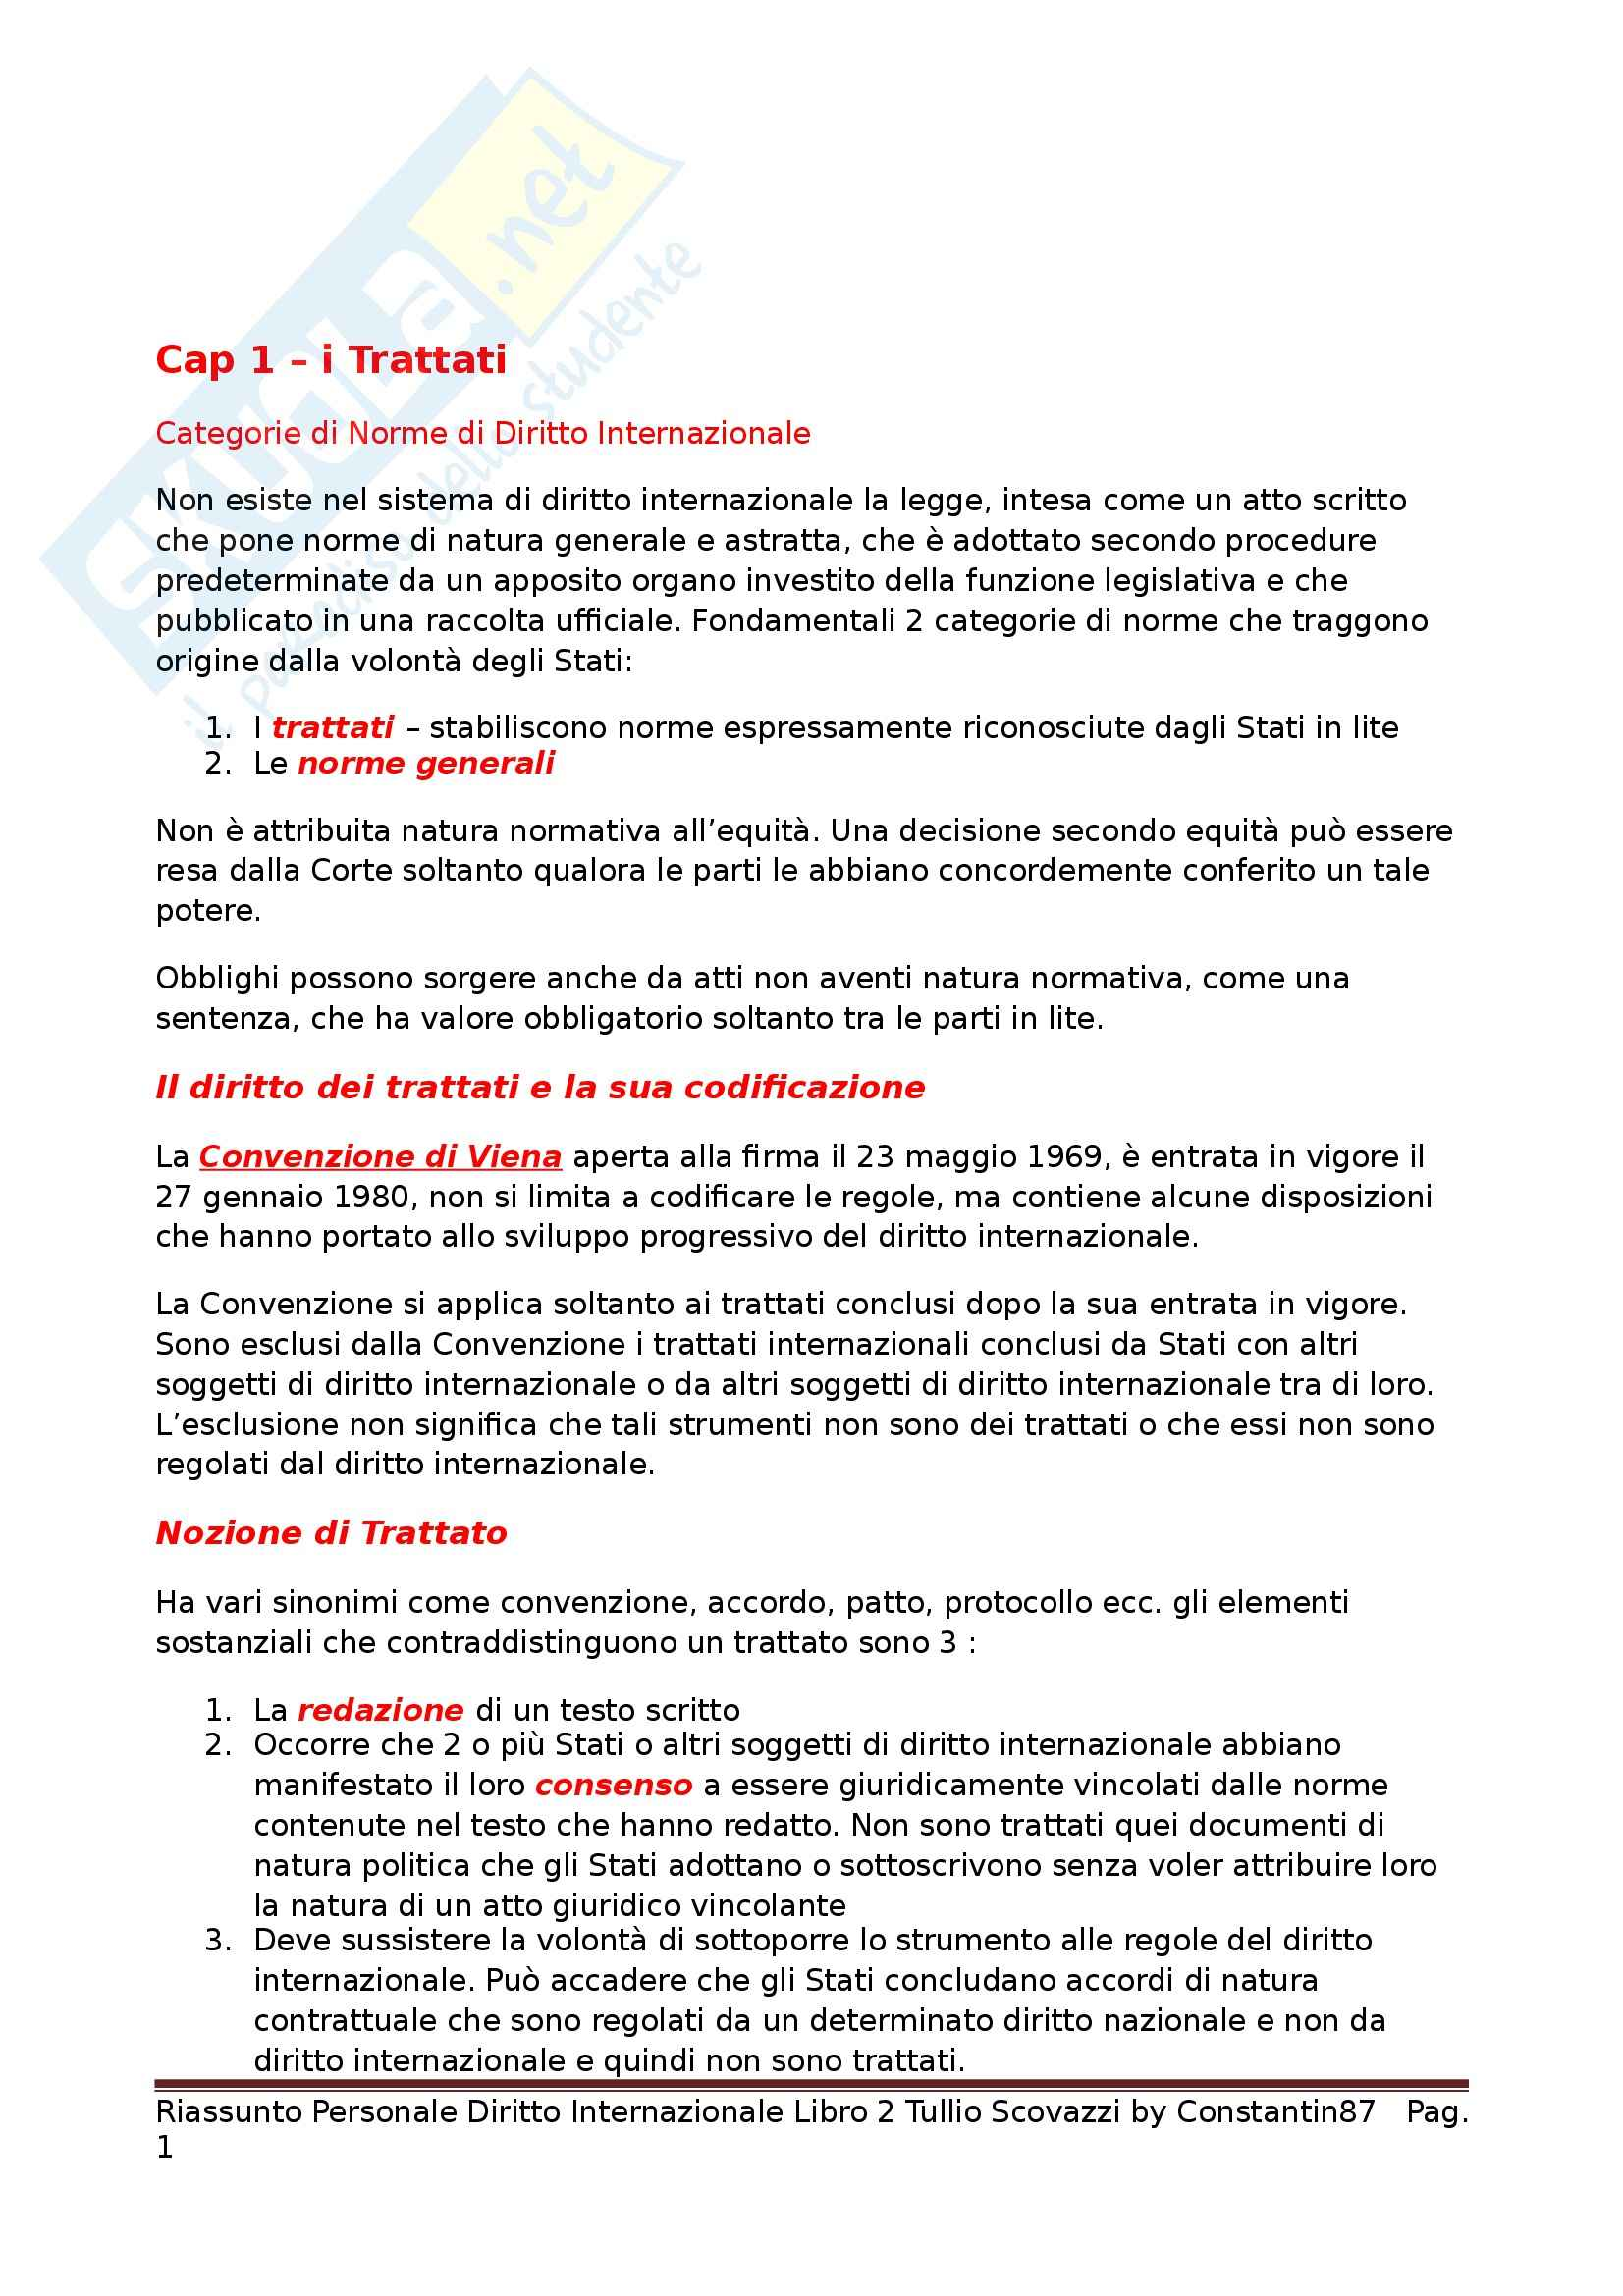 appunto T. Scovazzi Diritto internazionale